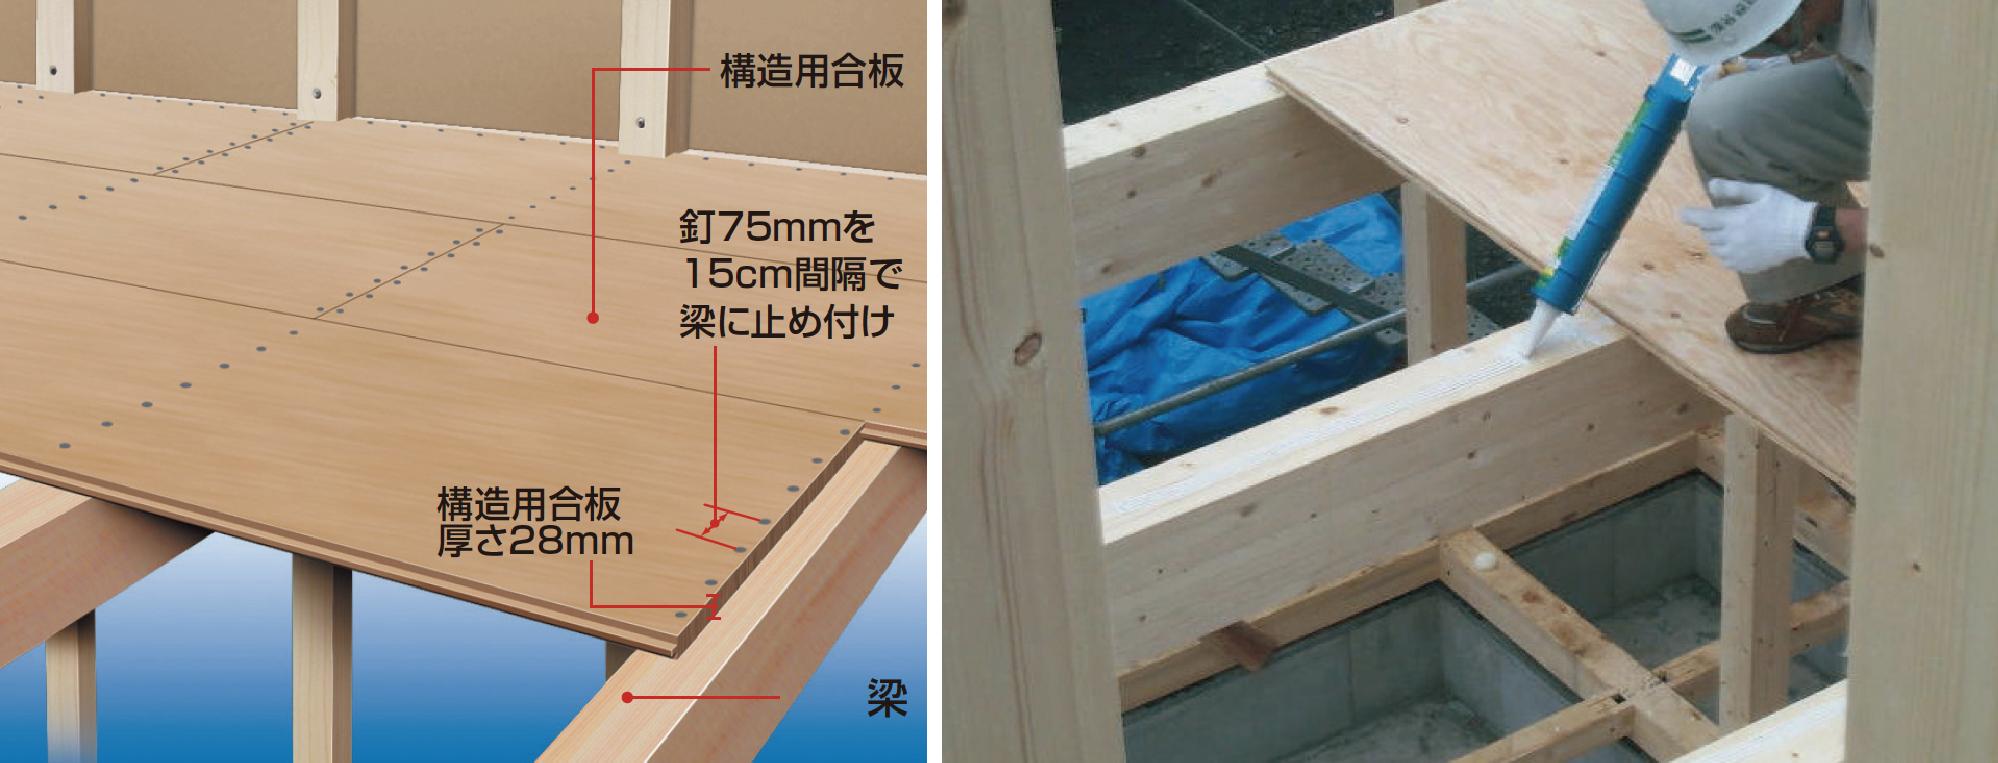 建物の剛性を高める 「剛性床」